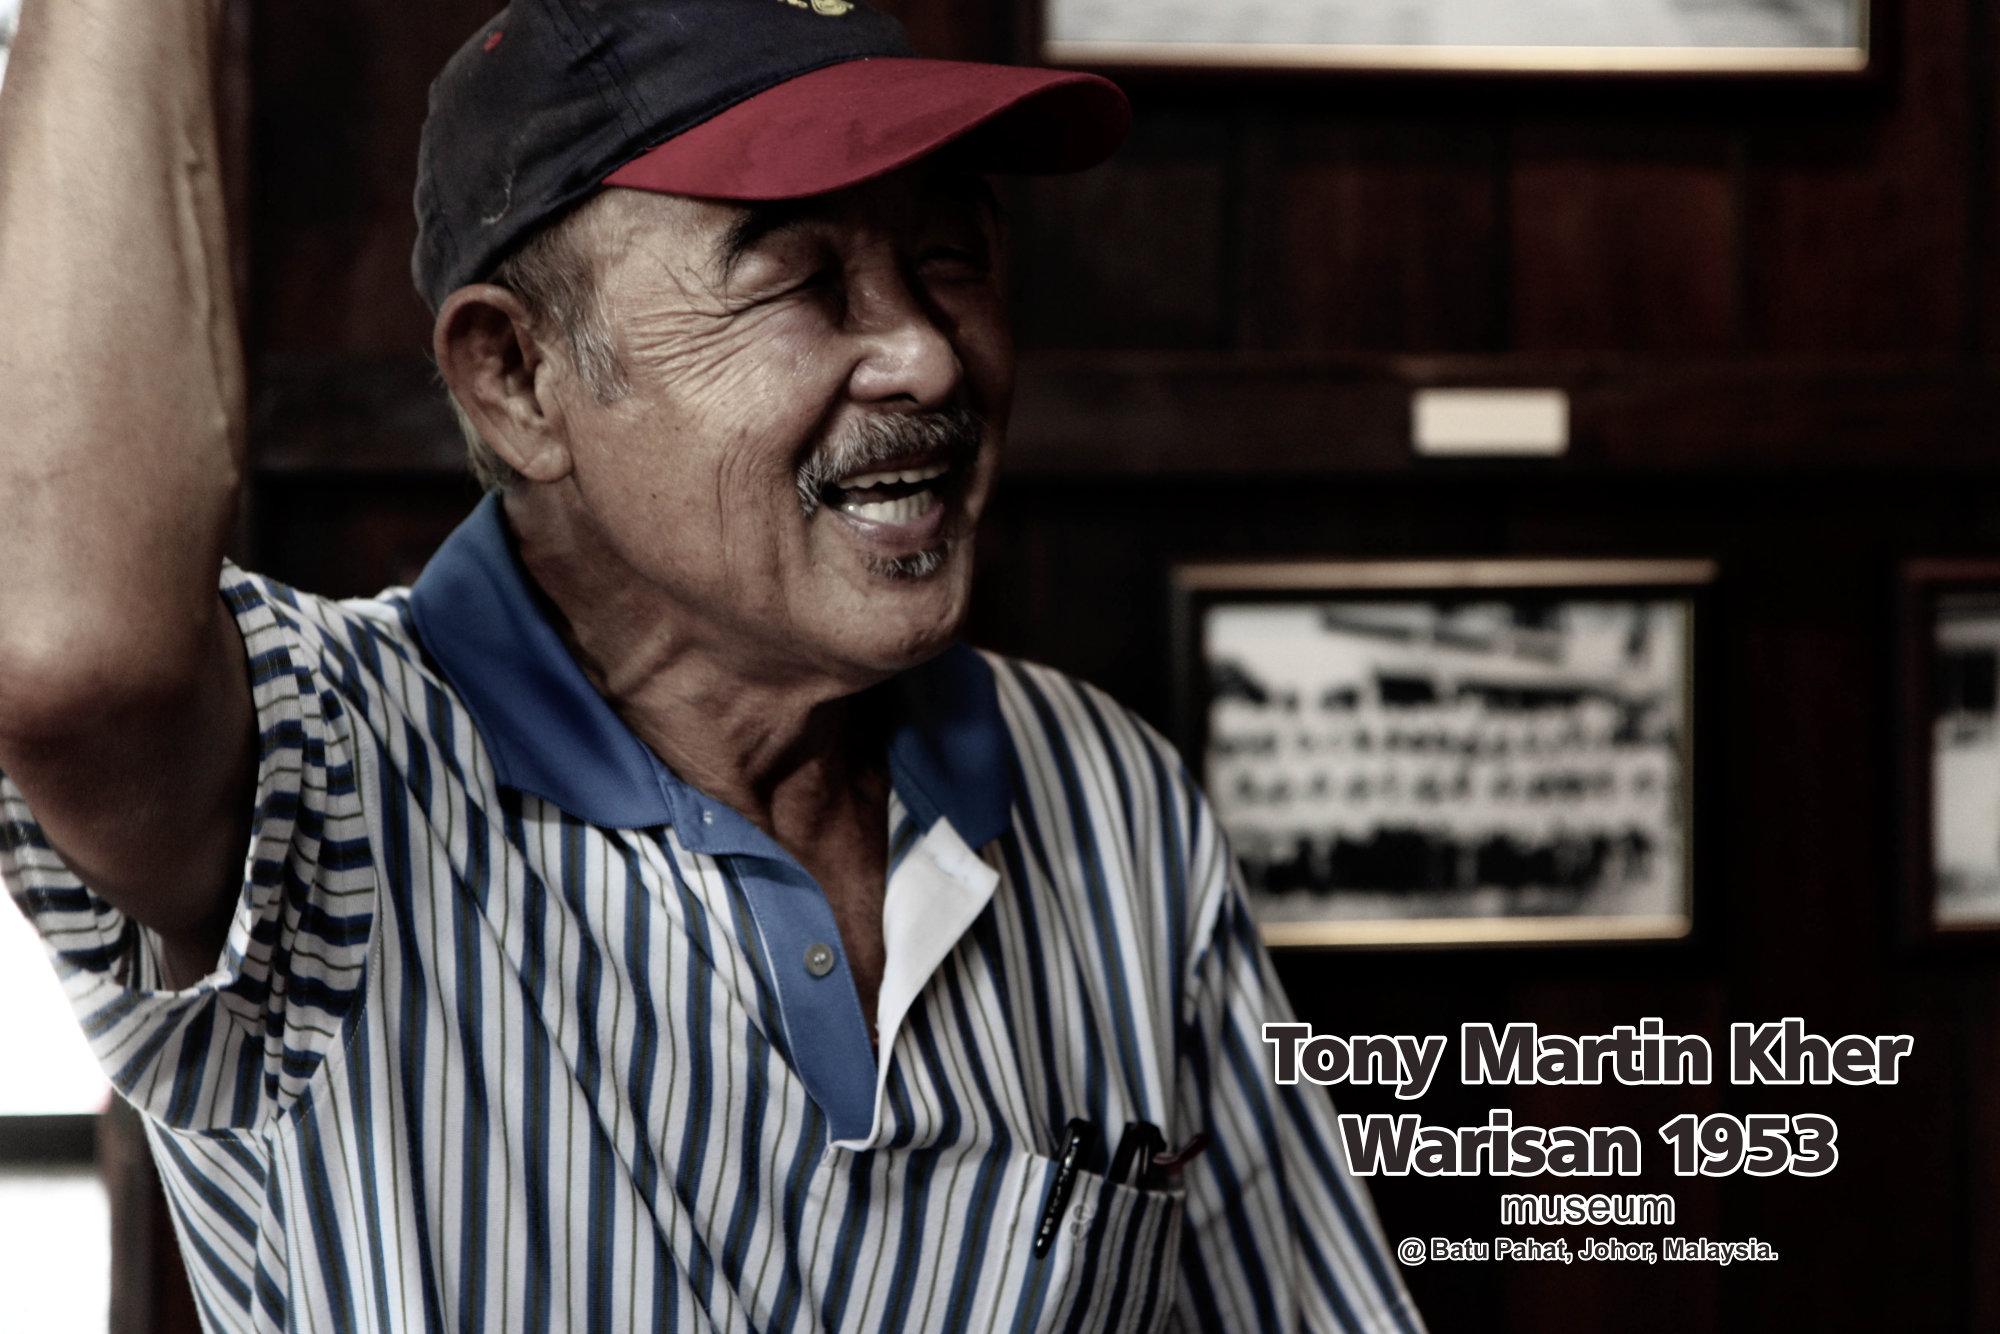 Tony Martin Kher founder of Warisan 1953 Museum at Batu Pahat Johor Malaysia Heritage 1953 Artist Joey Kher A35